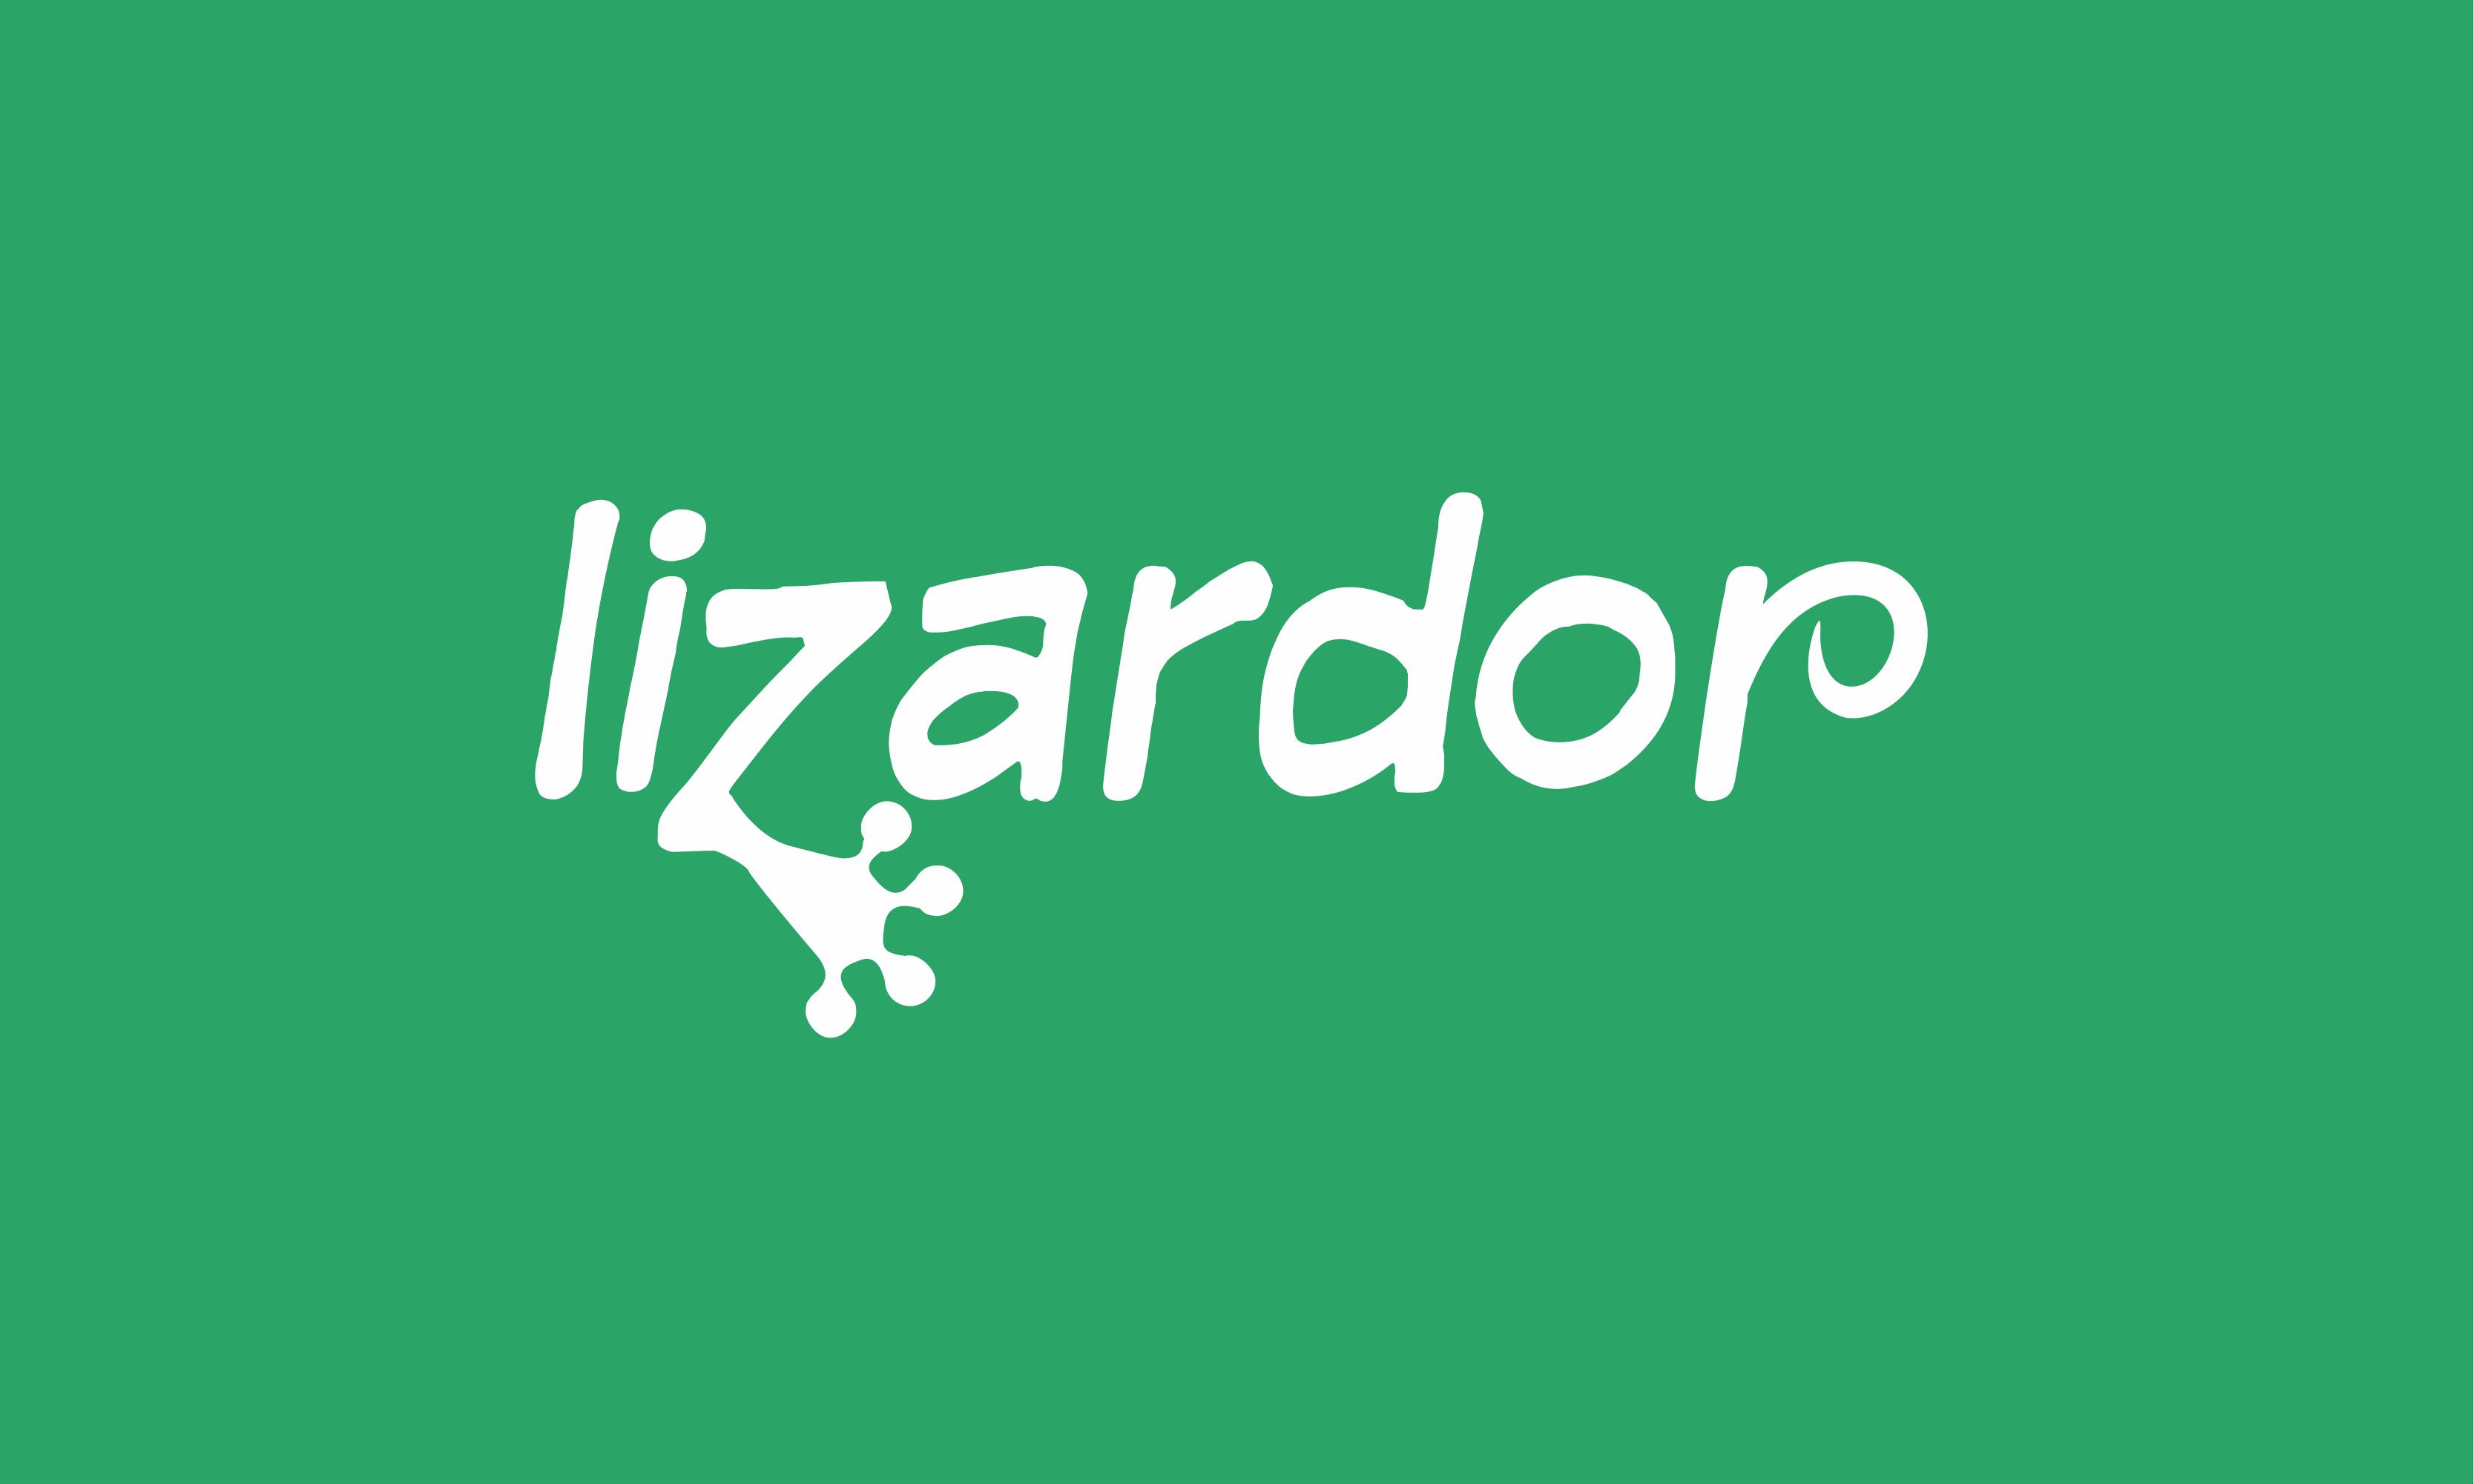 Lizardor